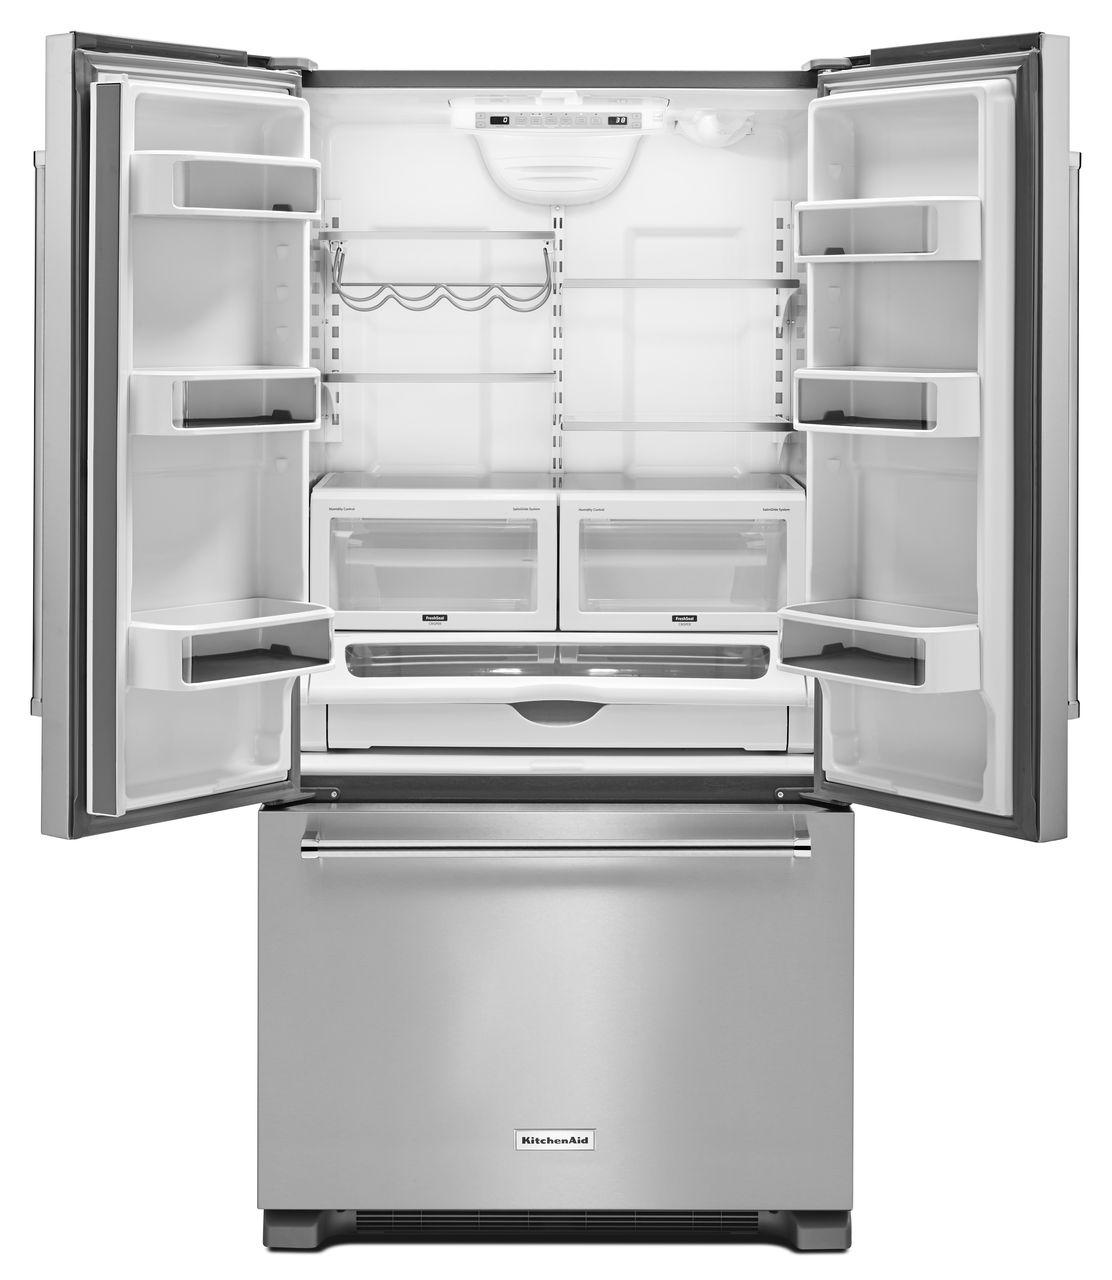 Kitchenaid Refrigerator White kitchenaid stainless french door refrigerator- krfc302ess